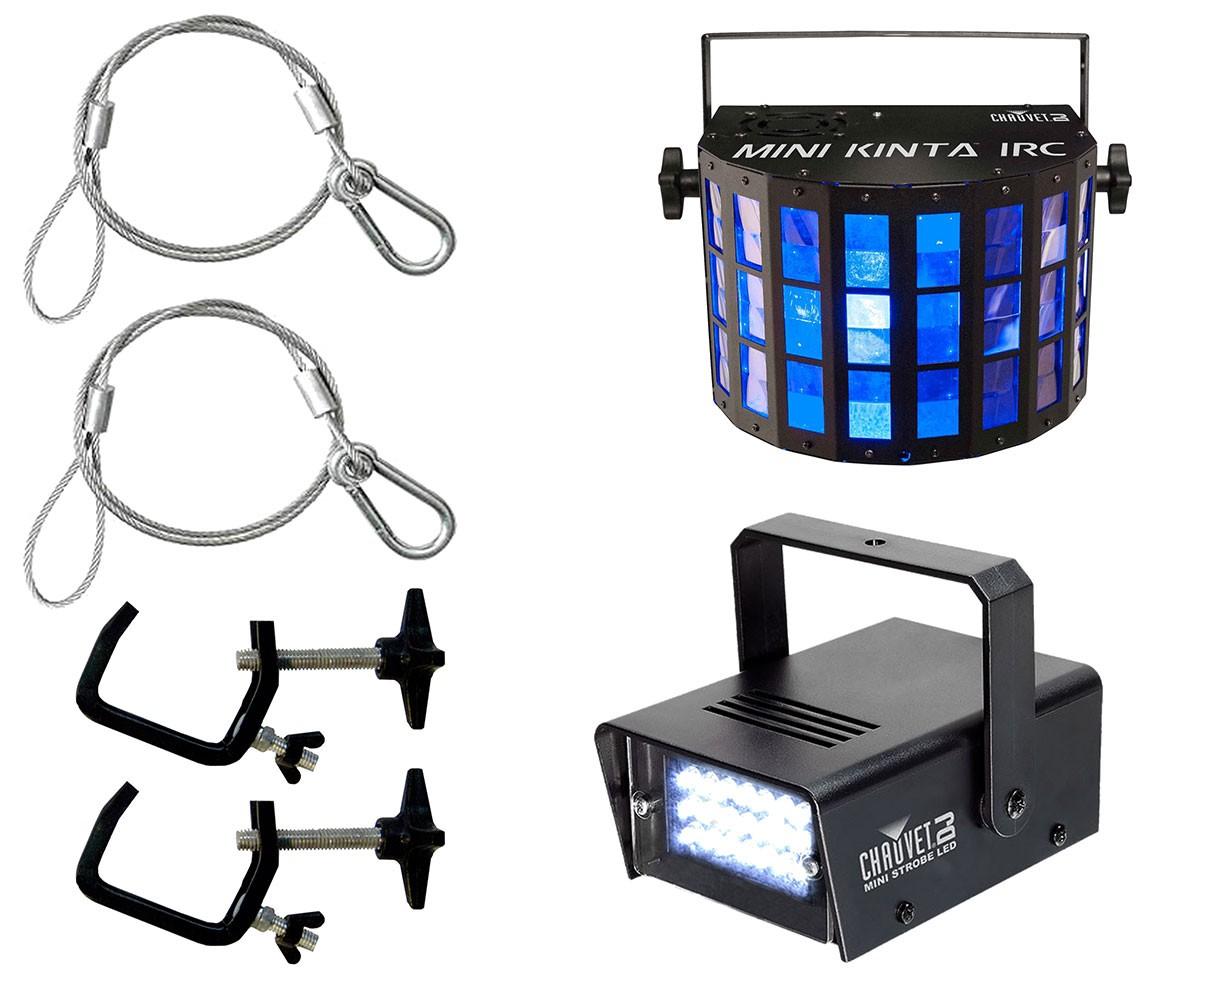 Chauvet Mini Kinta IRC + Strobe Light + Clamps + Safety